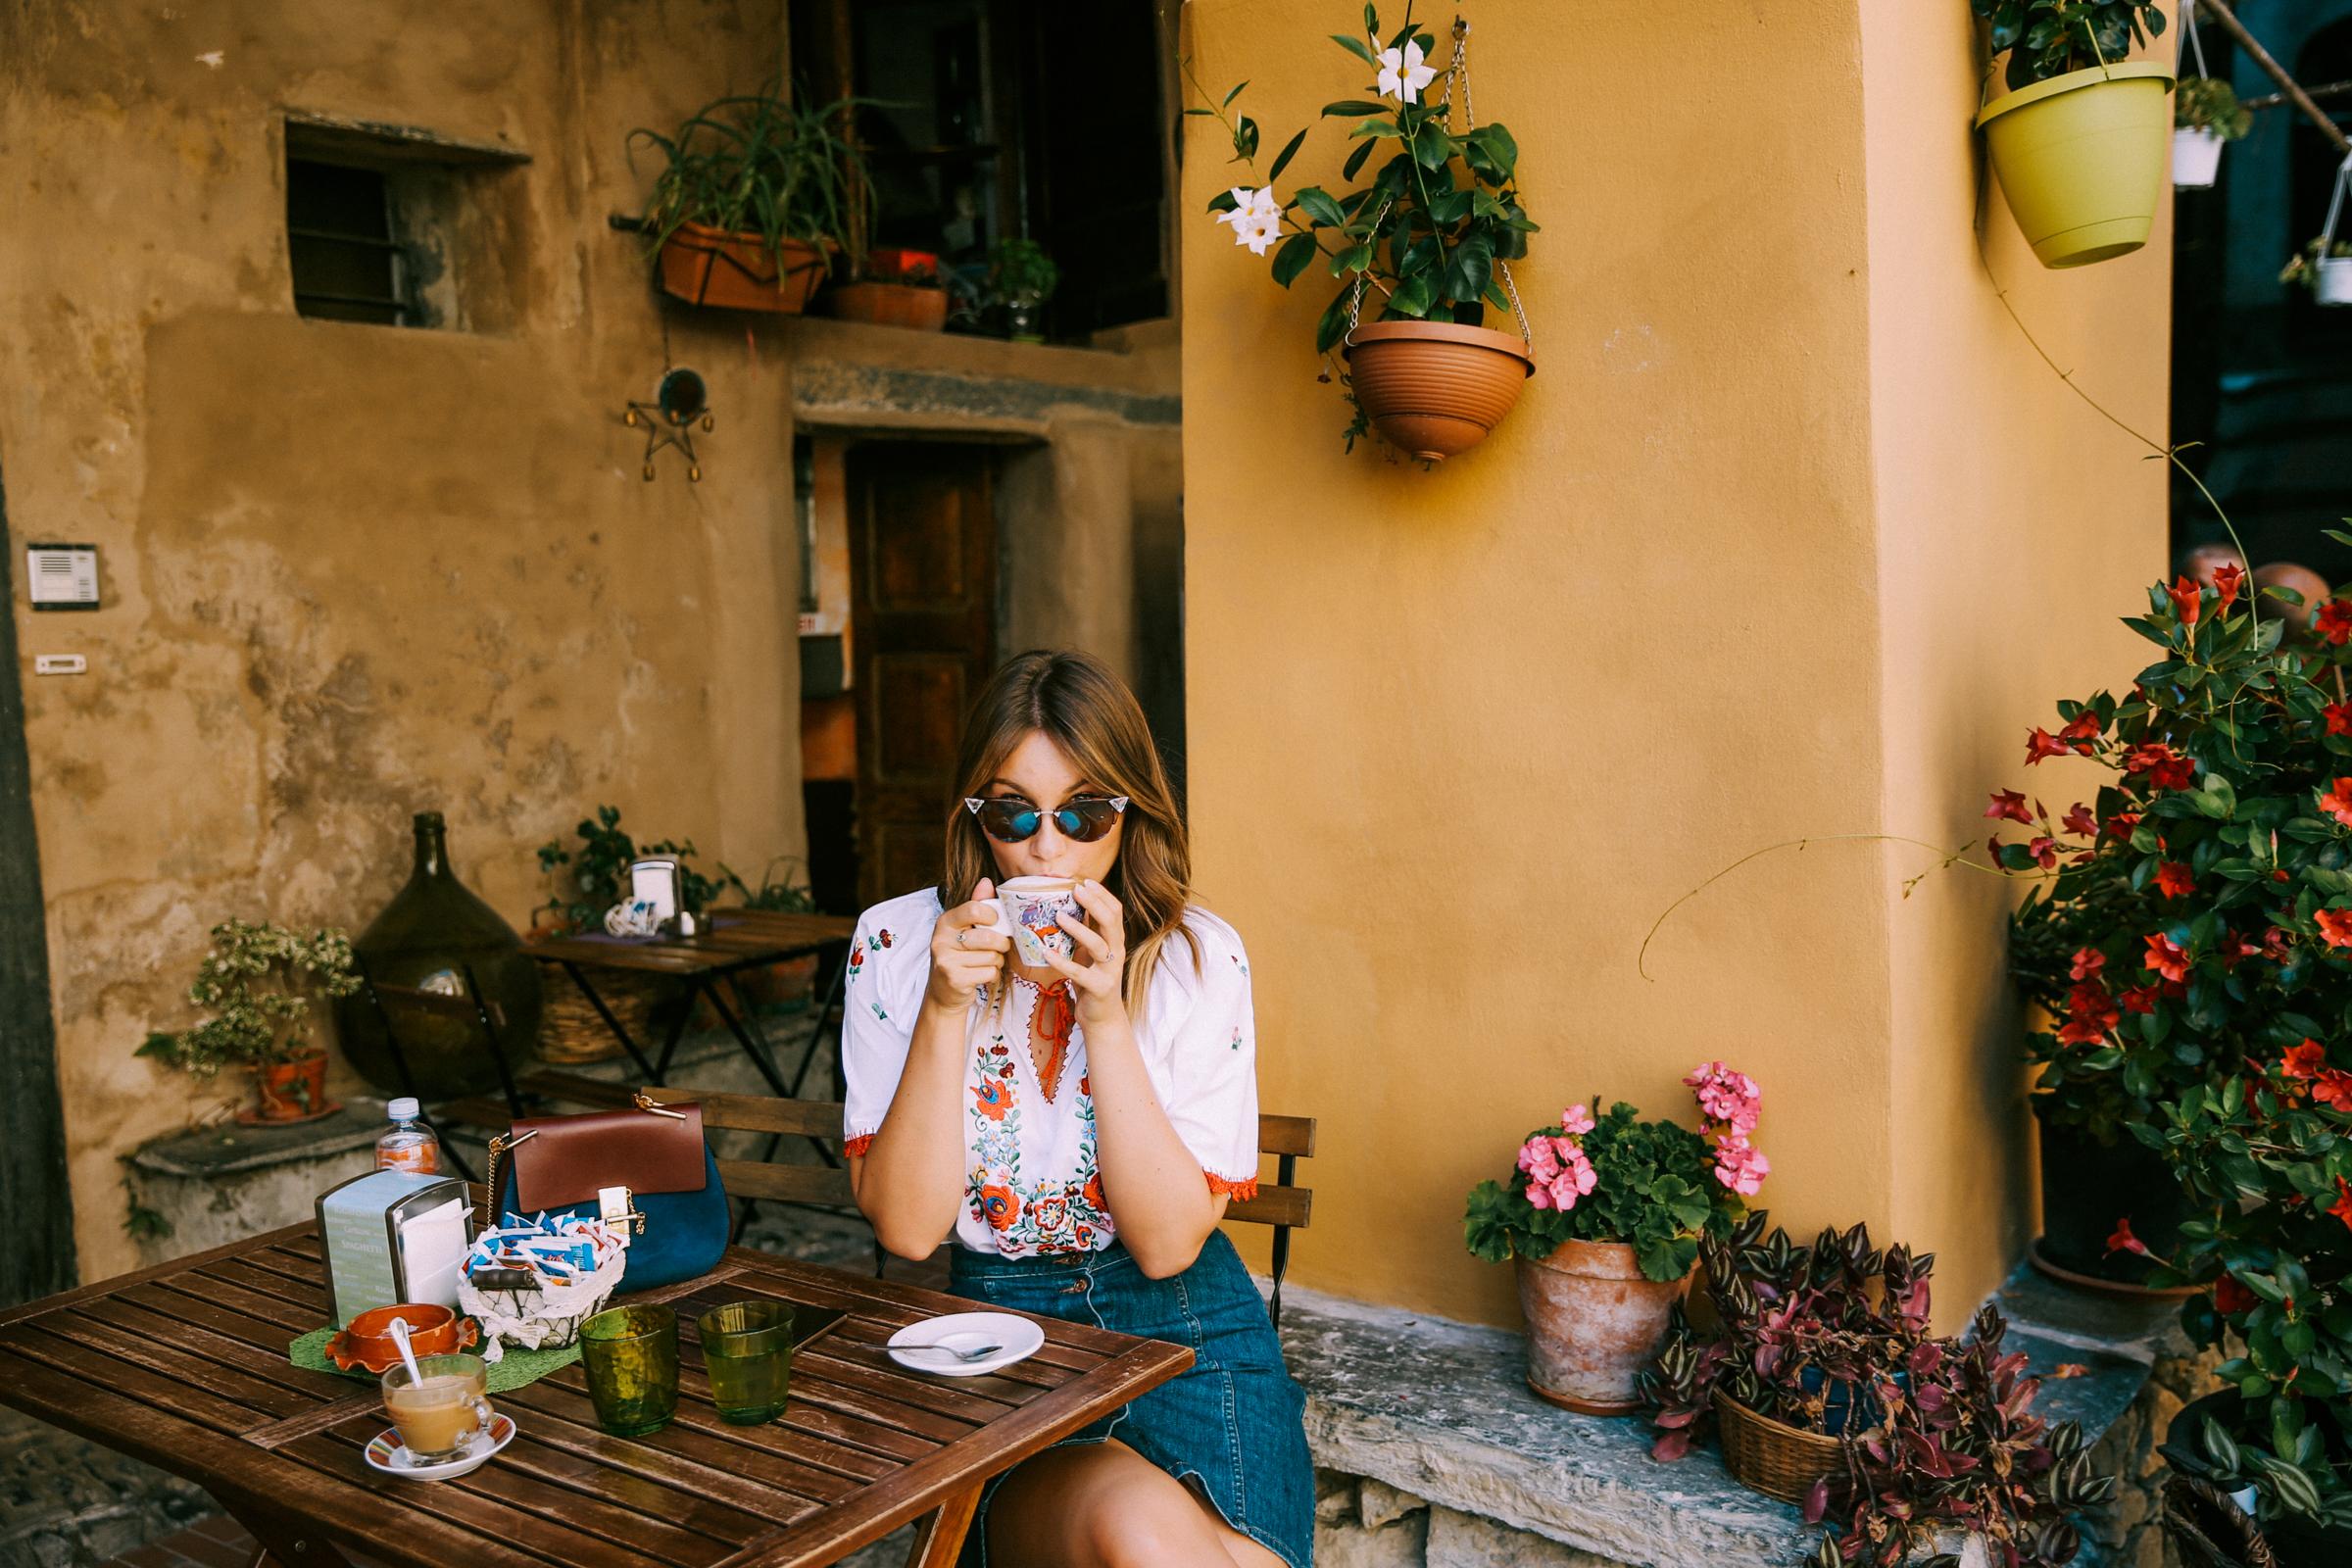 angystearoom-hungarian-blouse-denim-skirt-0365